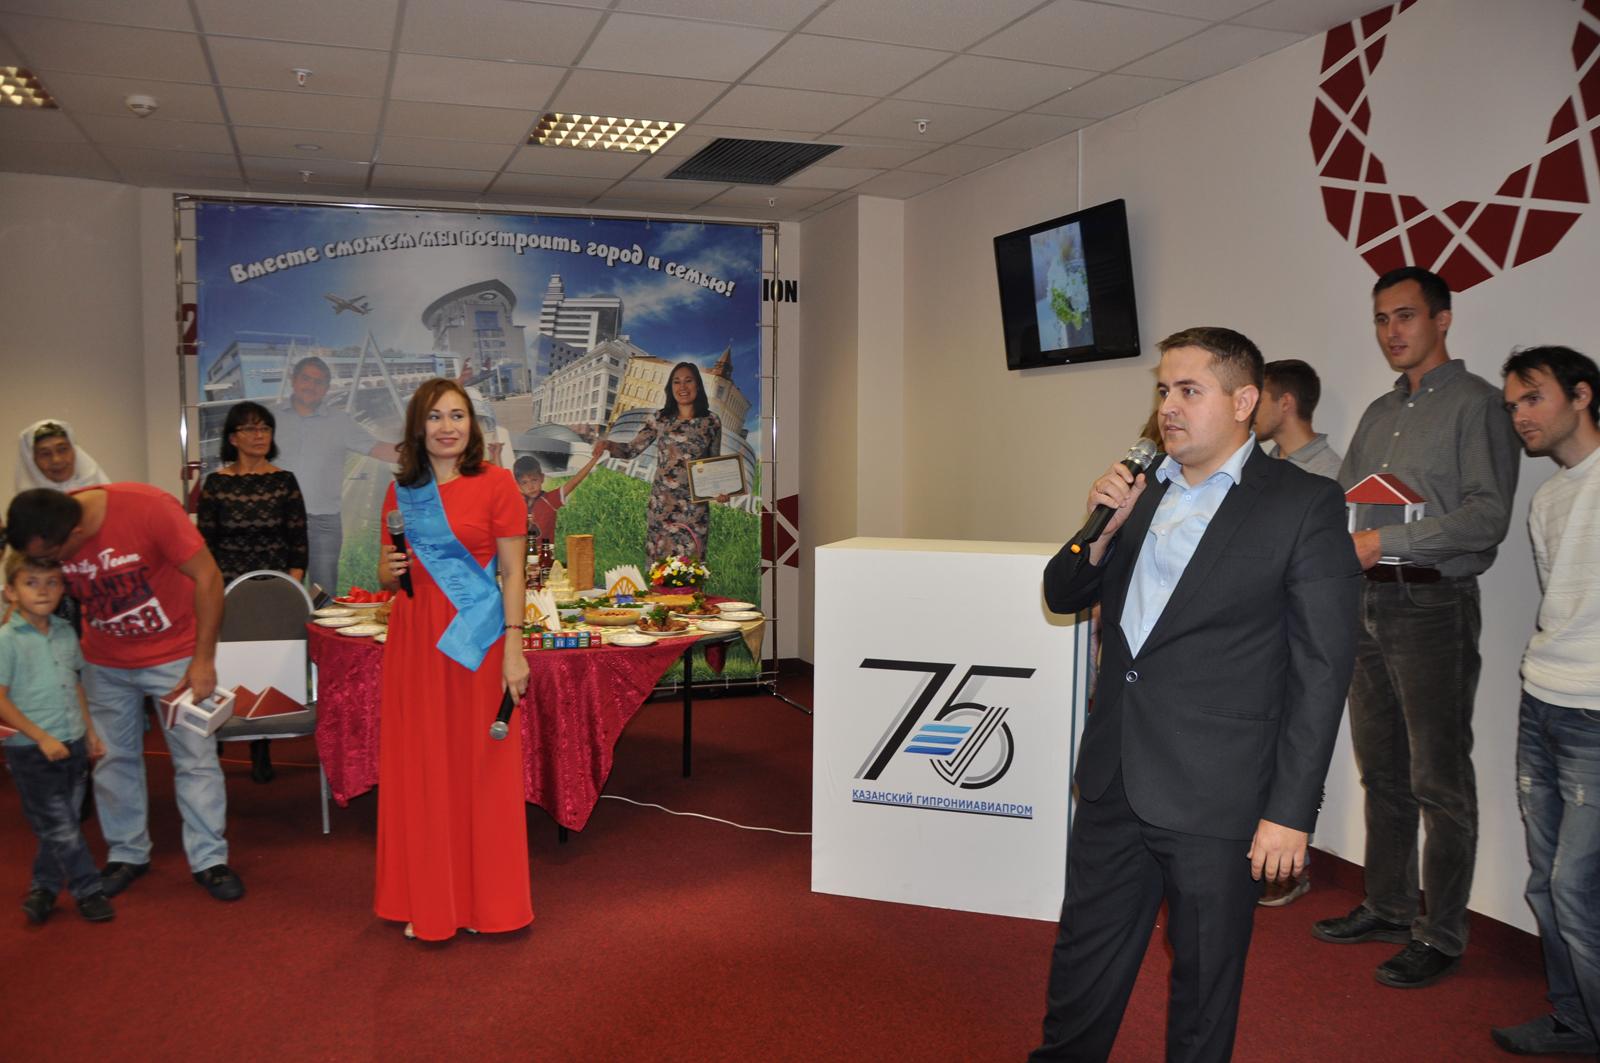 """Поздравляем победителей конкурса материнства и семьи """"Нечкэбиль 2016"""""""